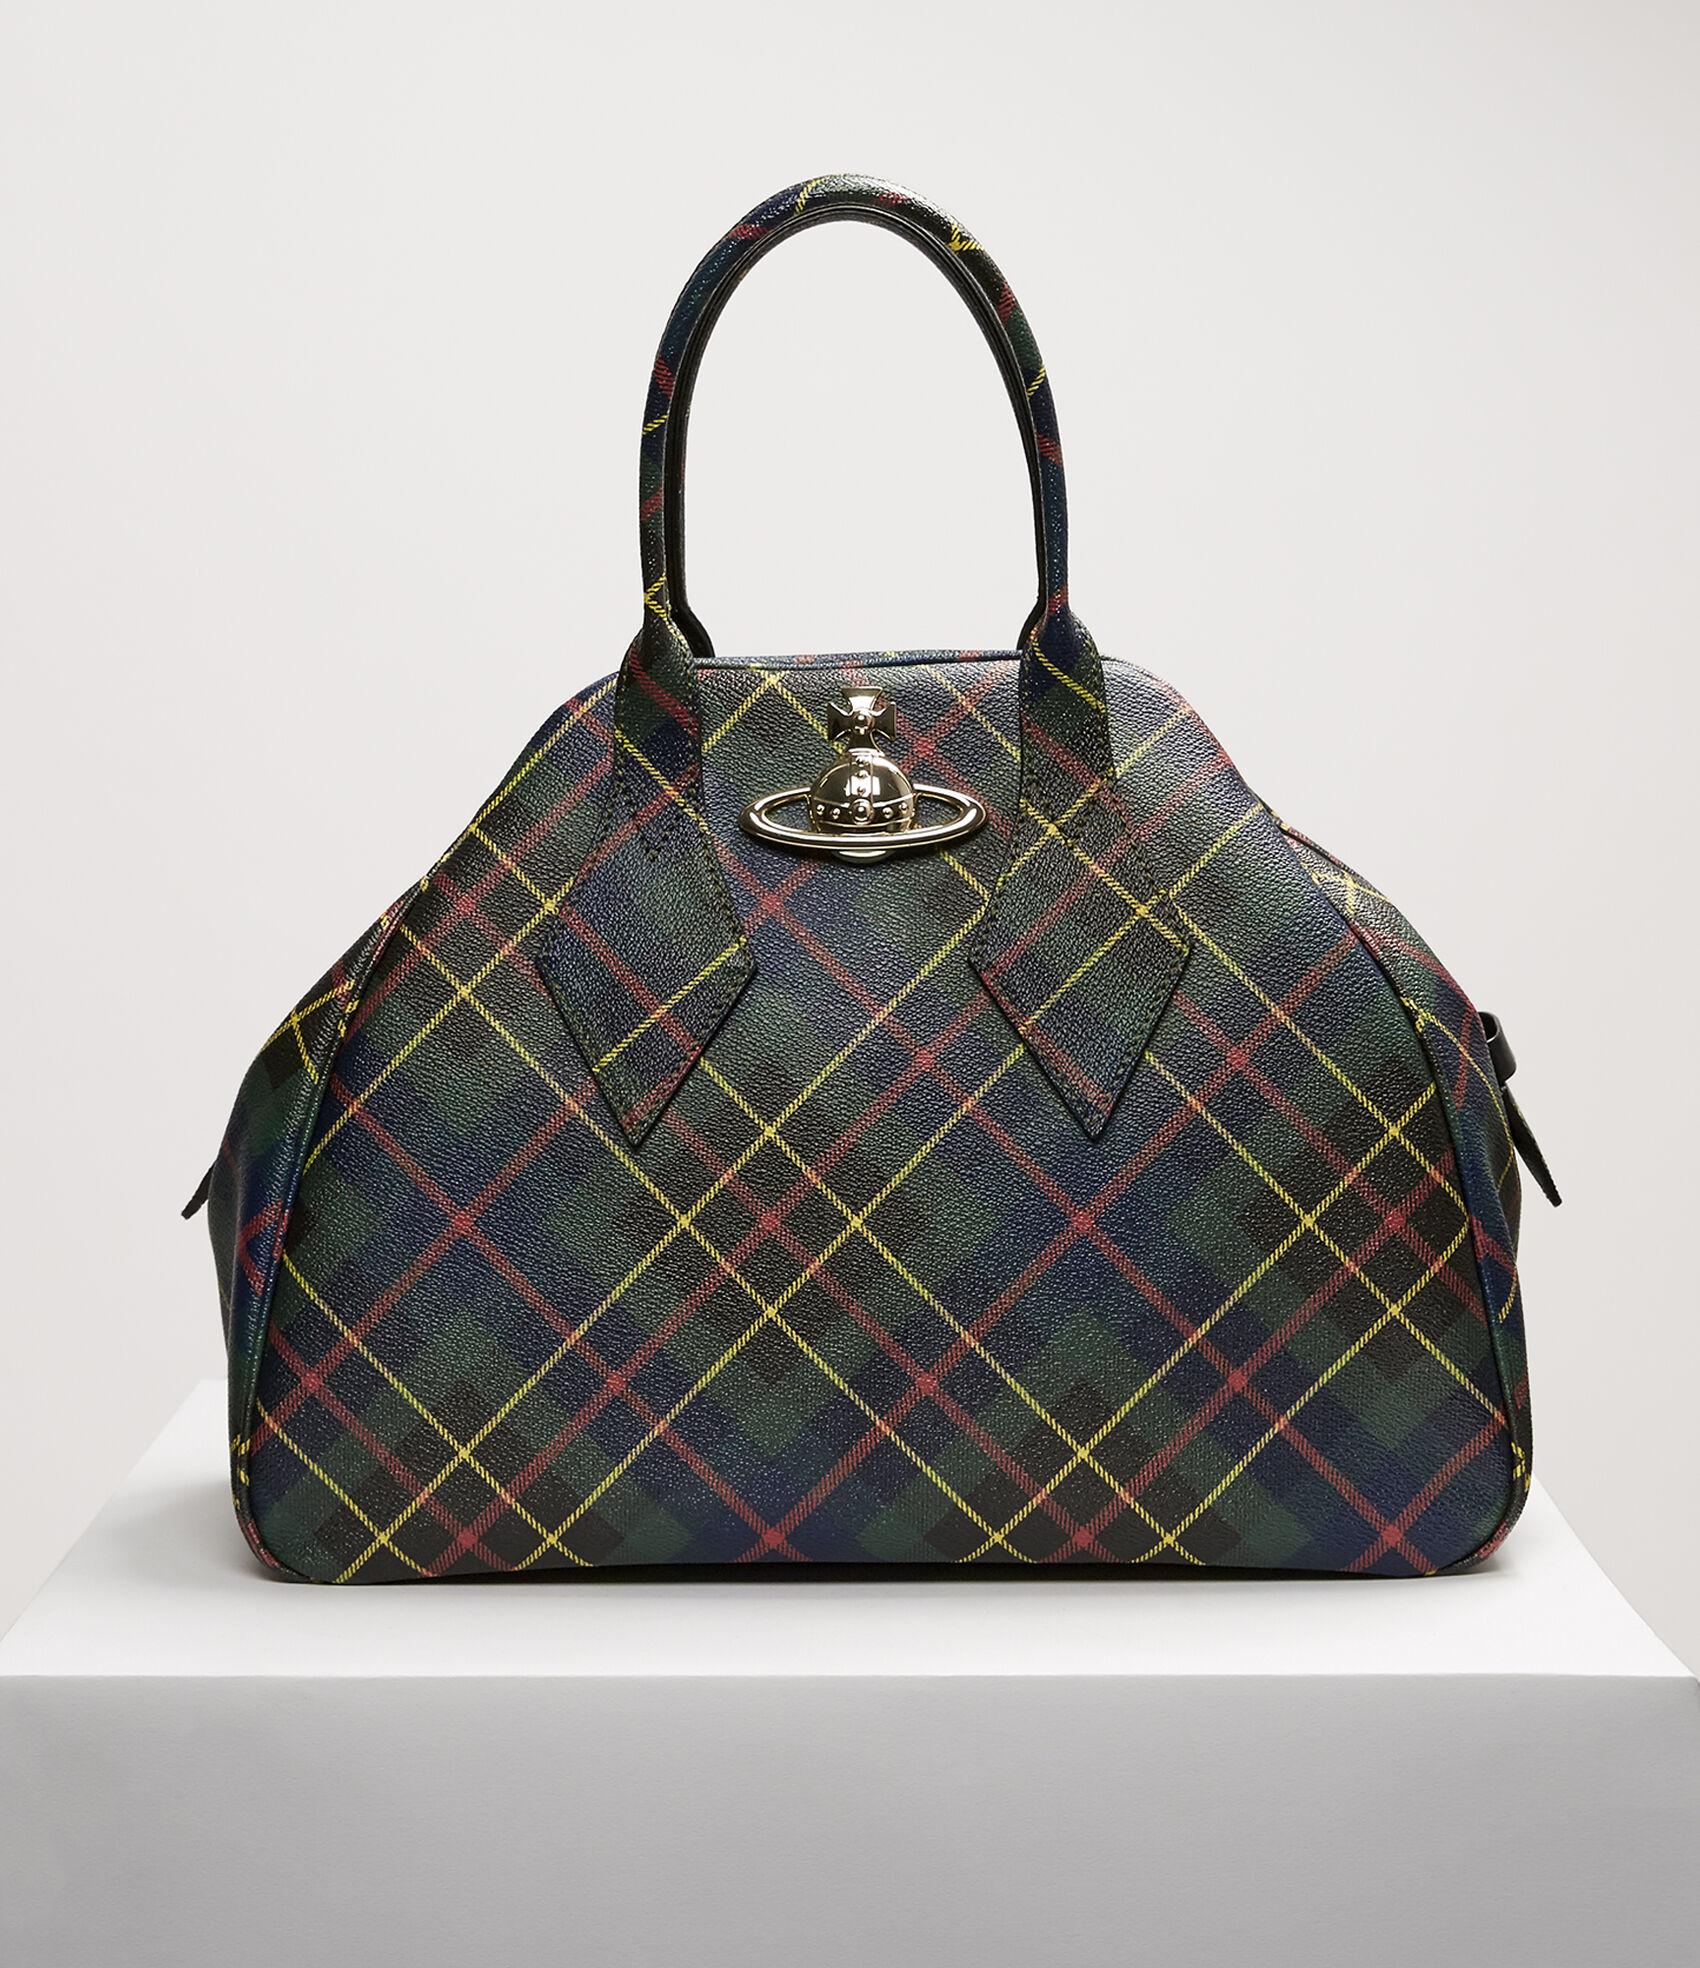 3bc8e34ceb Vivienne Westwood Handbags | Women's Bags | Vivienne Westwood ...